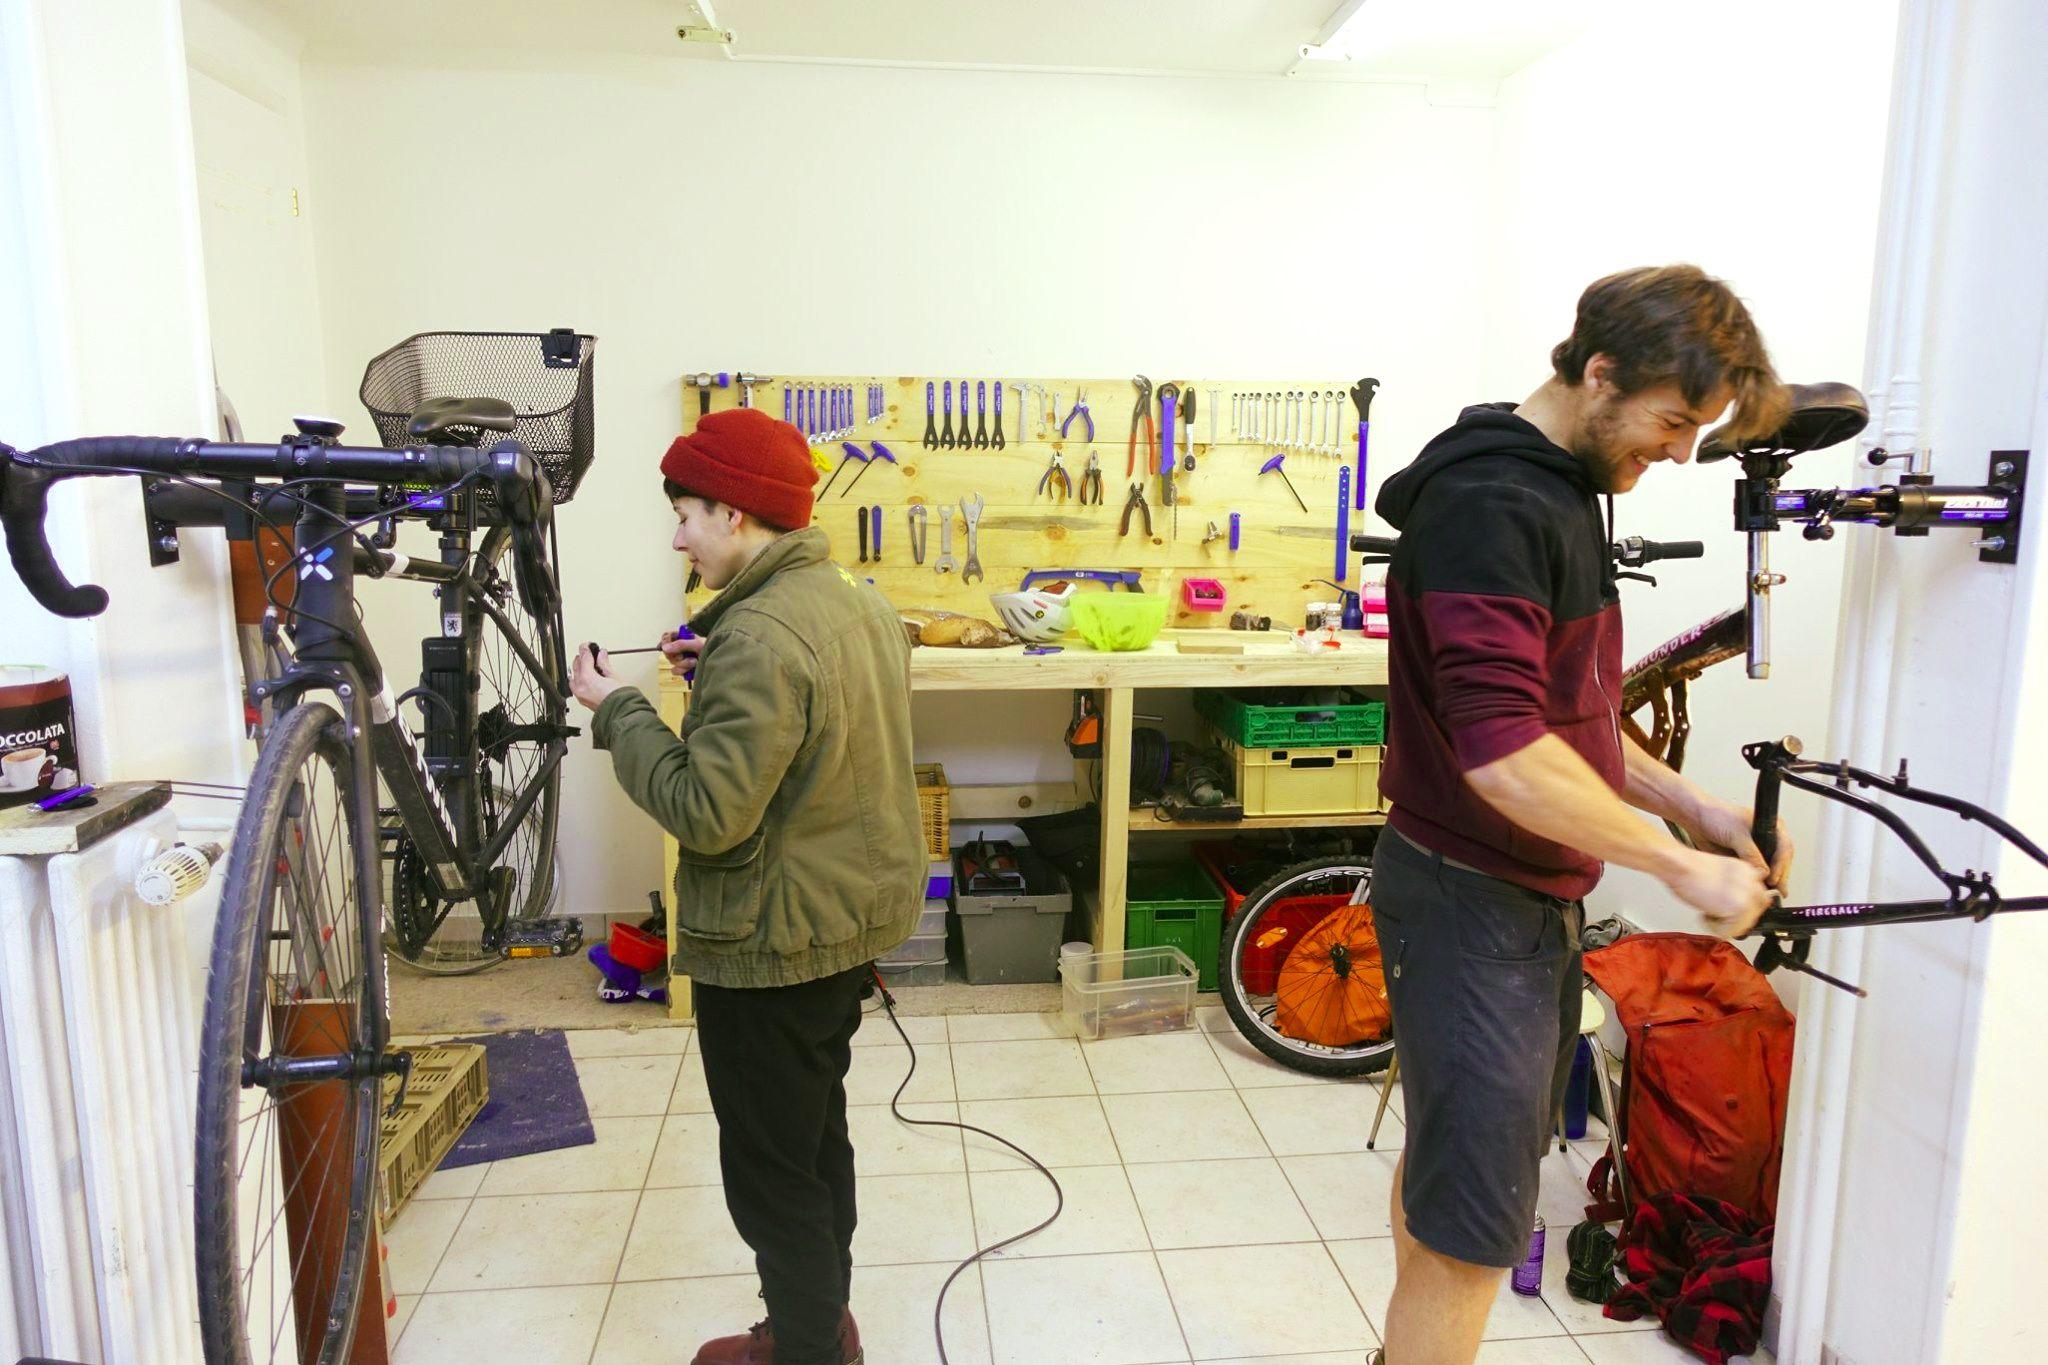 De la souris d'ordinateur à l'atelier vélo – Portrait d'un ex-ingénieur